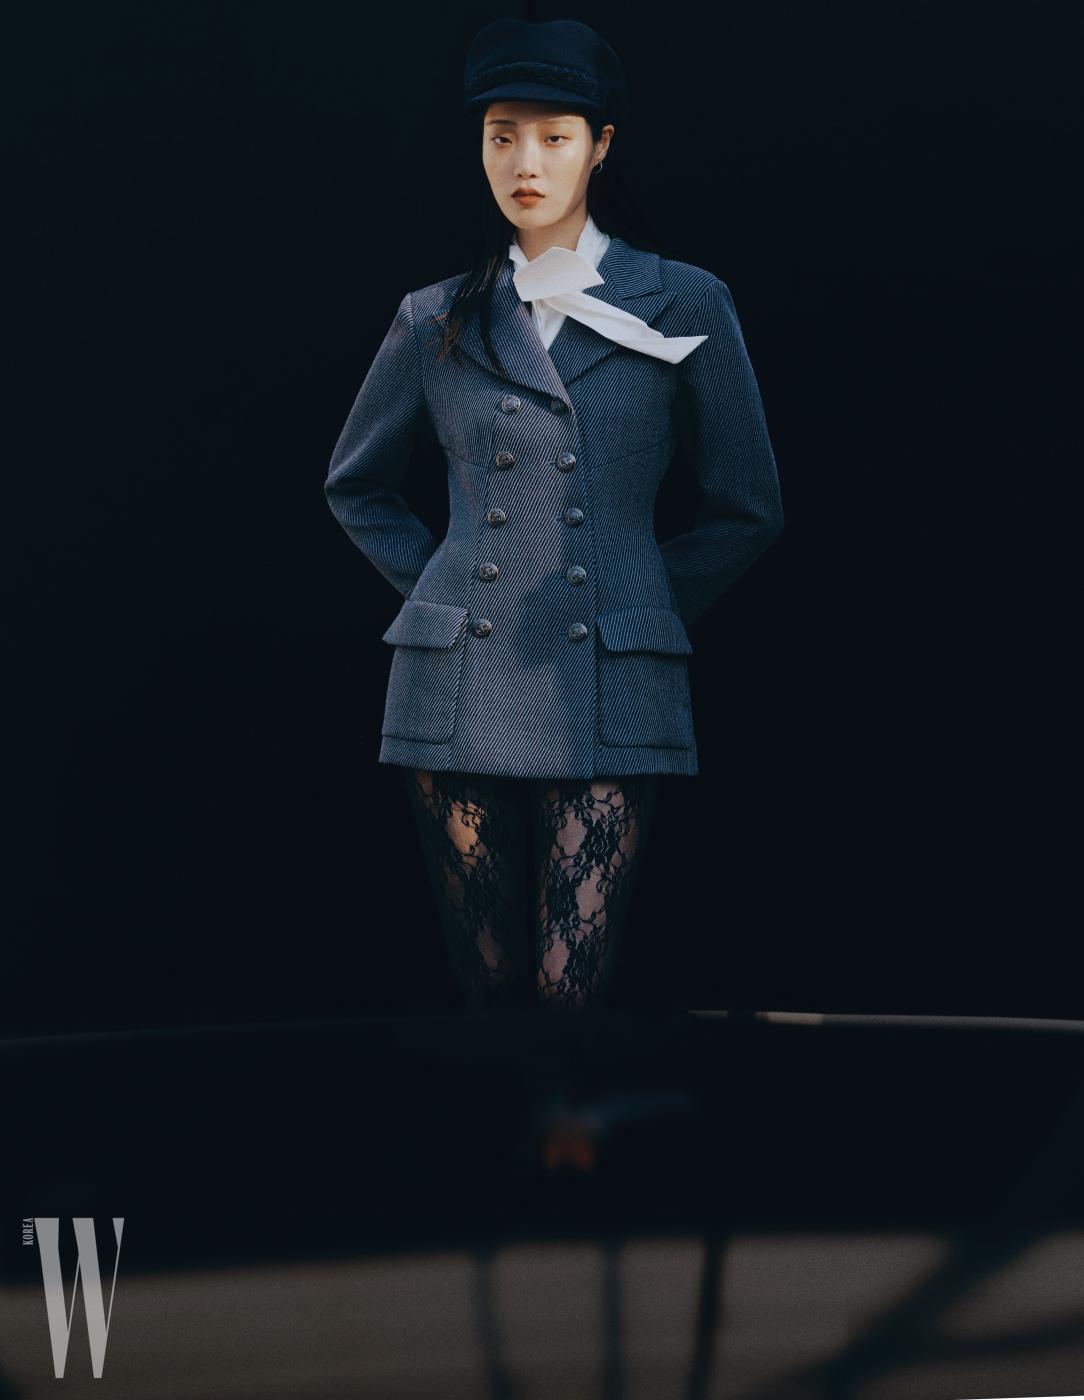 버튼 장식 재킷과 모자는 샤넬 제품. 가격 미정. 보 장식 블라우스는 이자벨 마랑 제품. 65만8천원. 타이츠는 구찌 제품. 가격 미정.